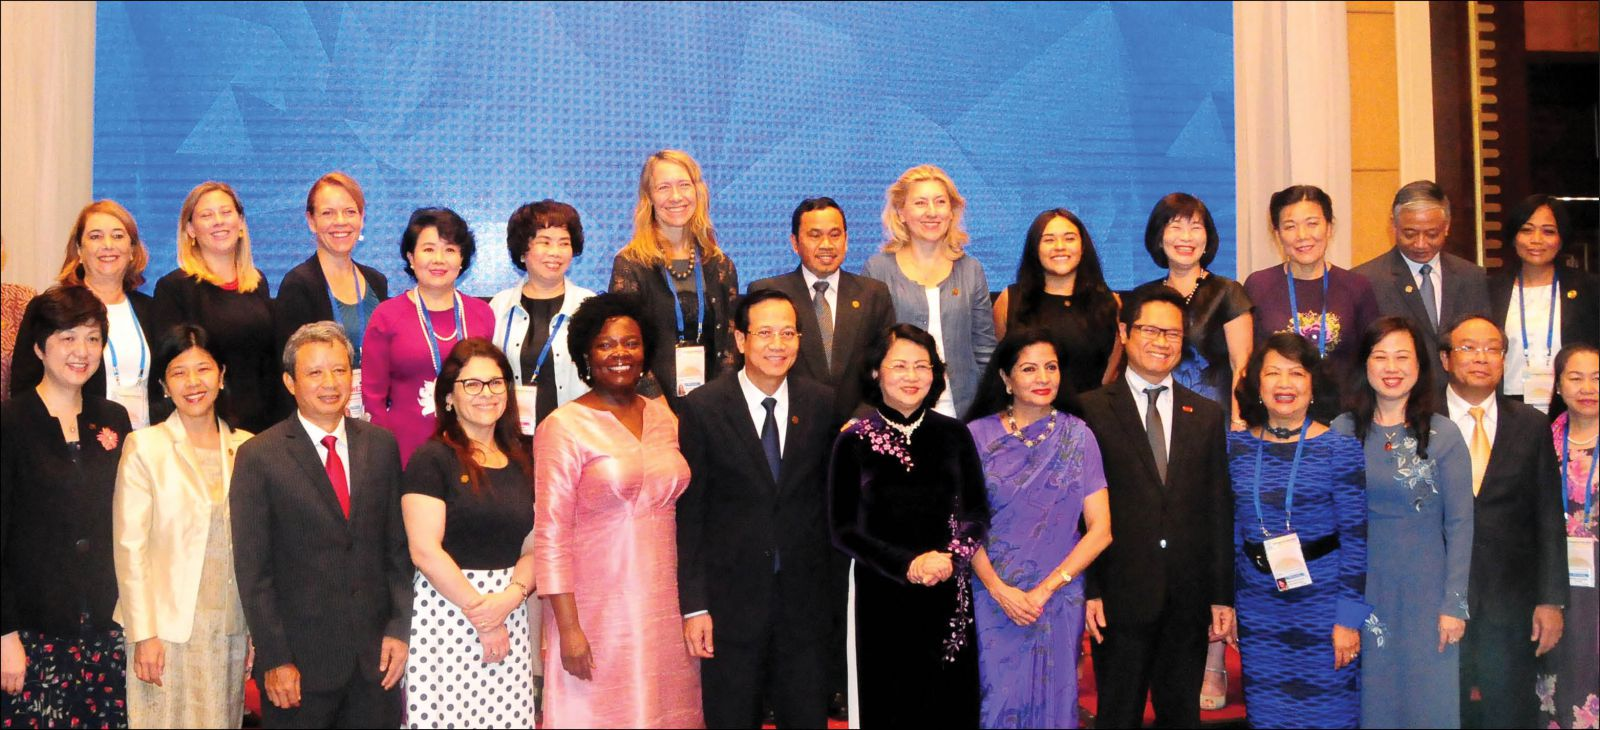 Đối thoại công – tư về Phụ nữ và Kinh tế (PPDWE):  Tăng cường quyền kinh doanh kinh tế cho phụ nữ